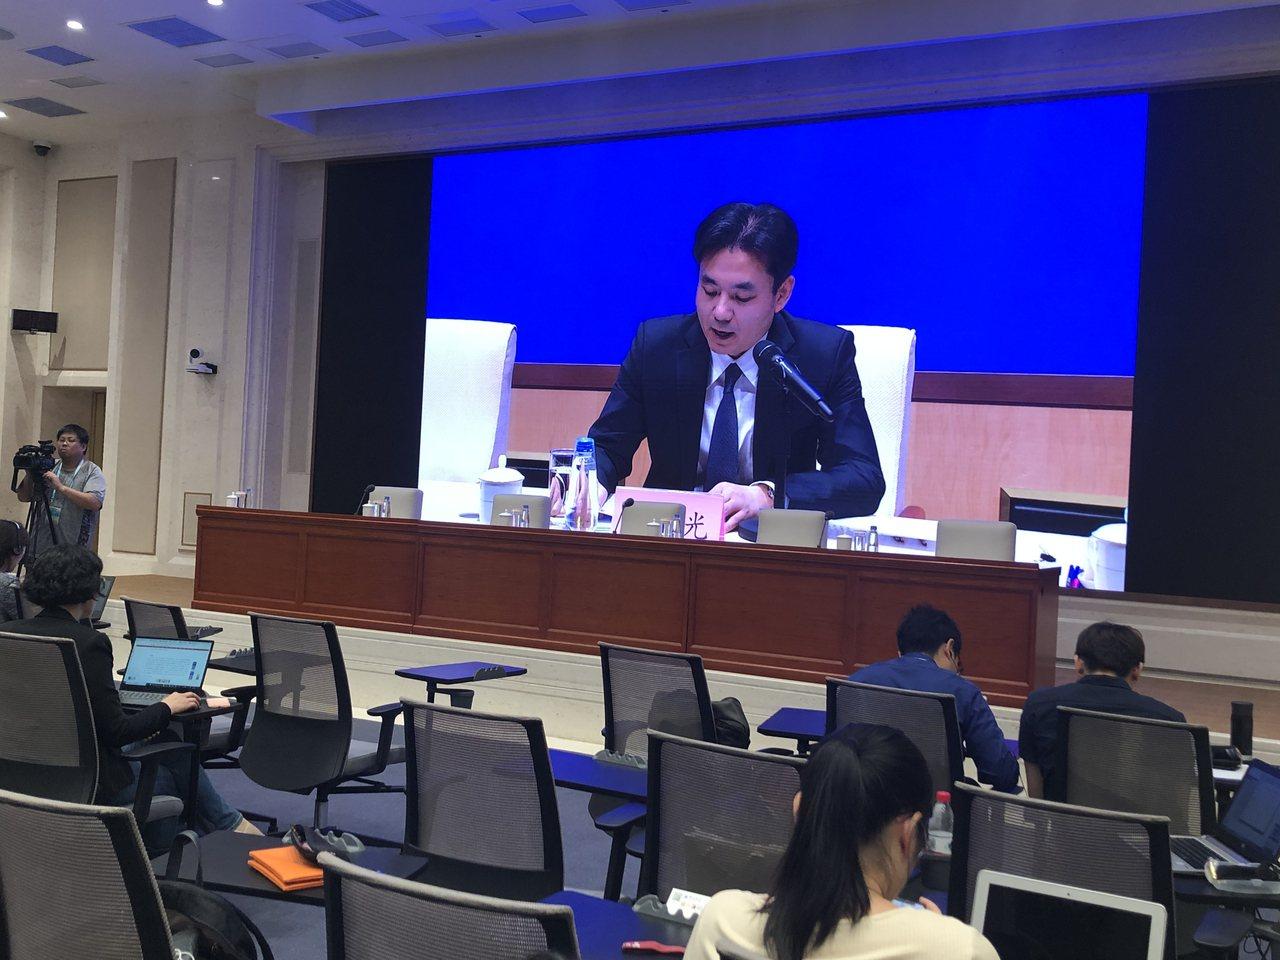 中共港澳辦下午舉行記者會談香港局勢,但包括台媒在內的多家陸媒和港媒都只能在另一廳...